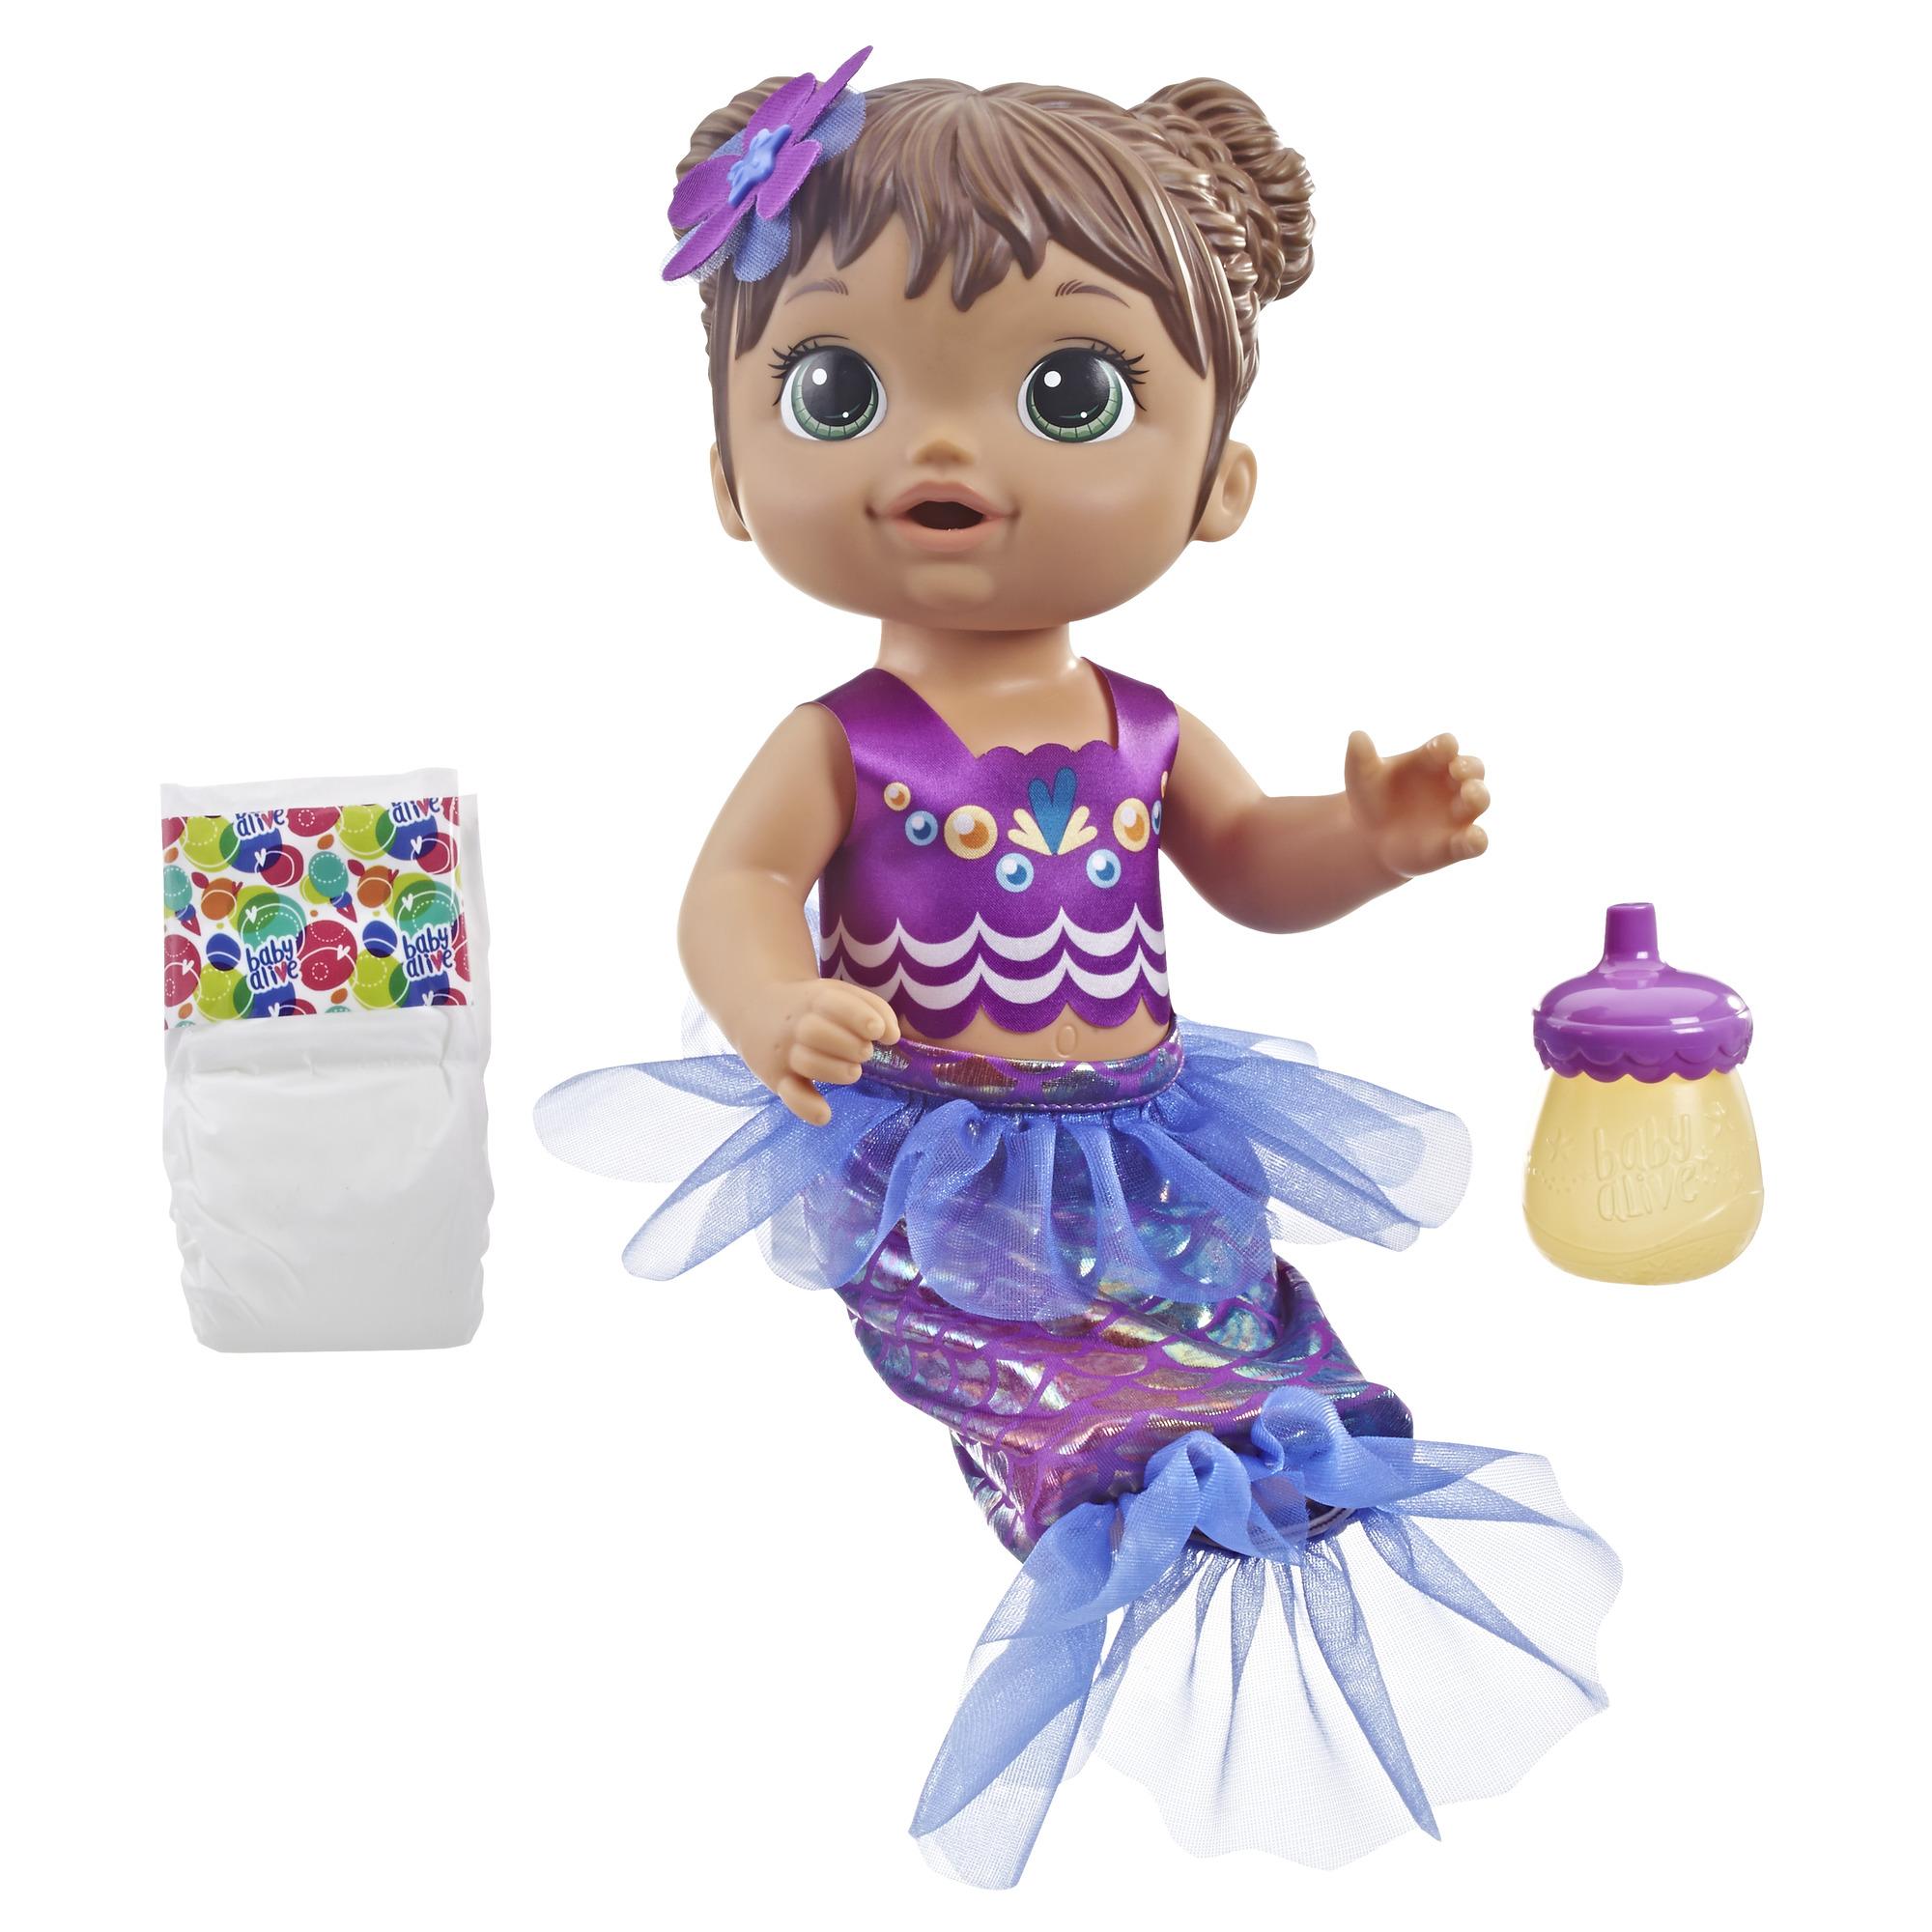 Baby Alive Shimmer 'n Splash Mermaid Baby Doll (Brown Hair)